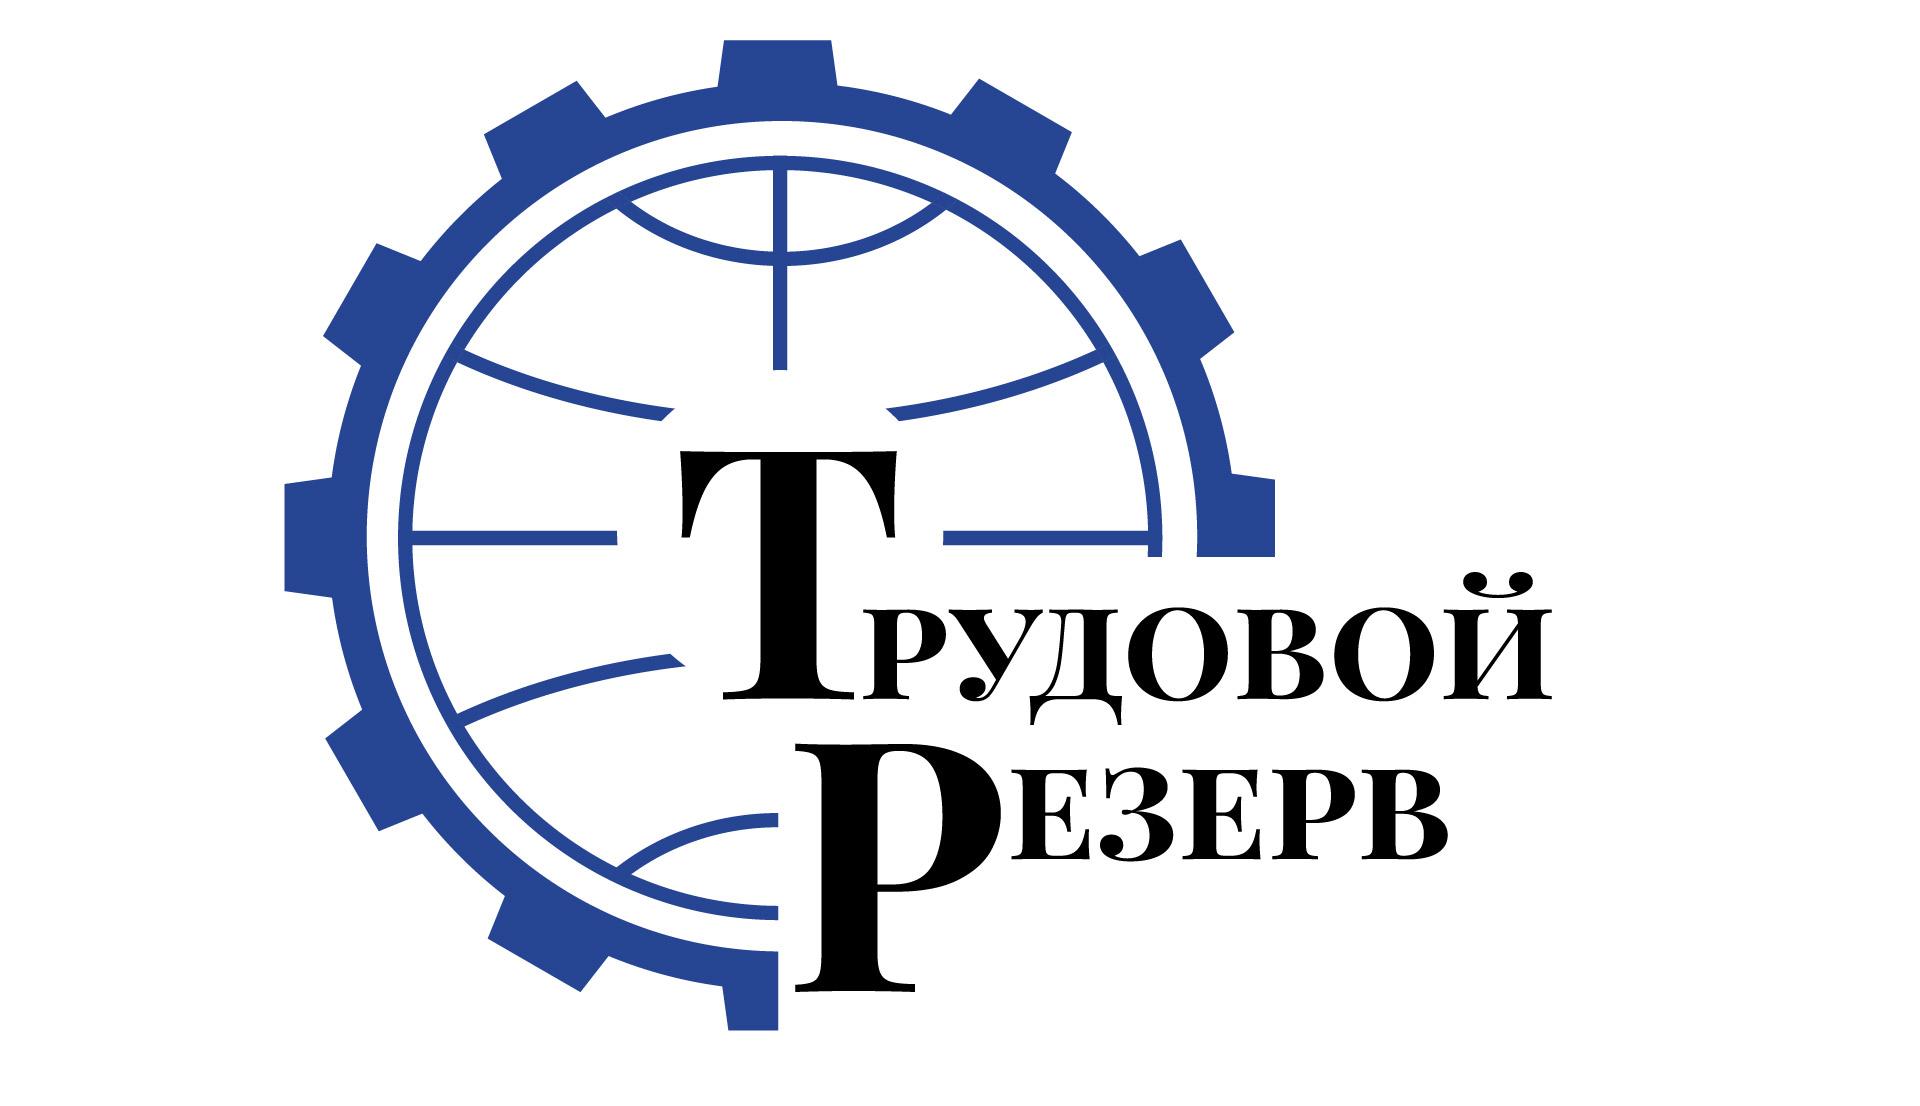 Работа в компании «Трудовой резерв» в Ворсмы